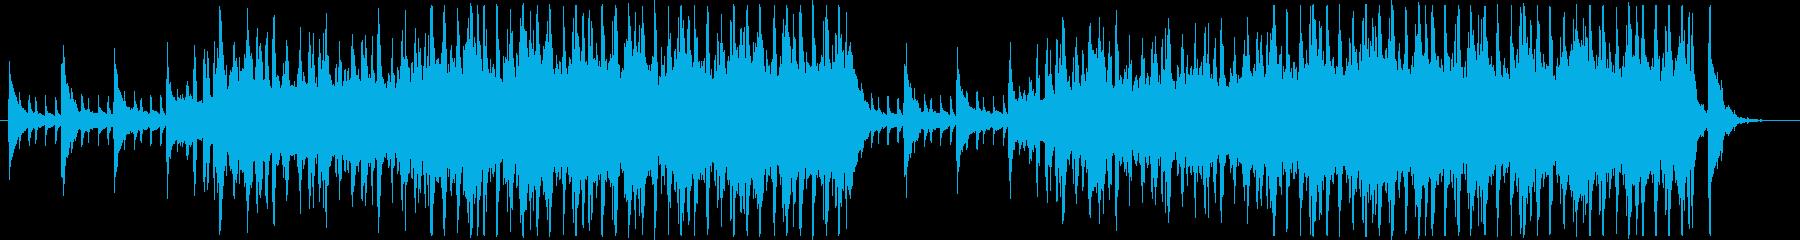 気品漂うリズム付オーケストラ曲(メロ無)の再生済みの波形